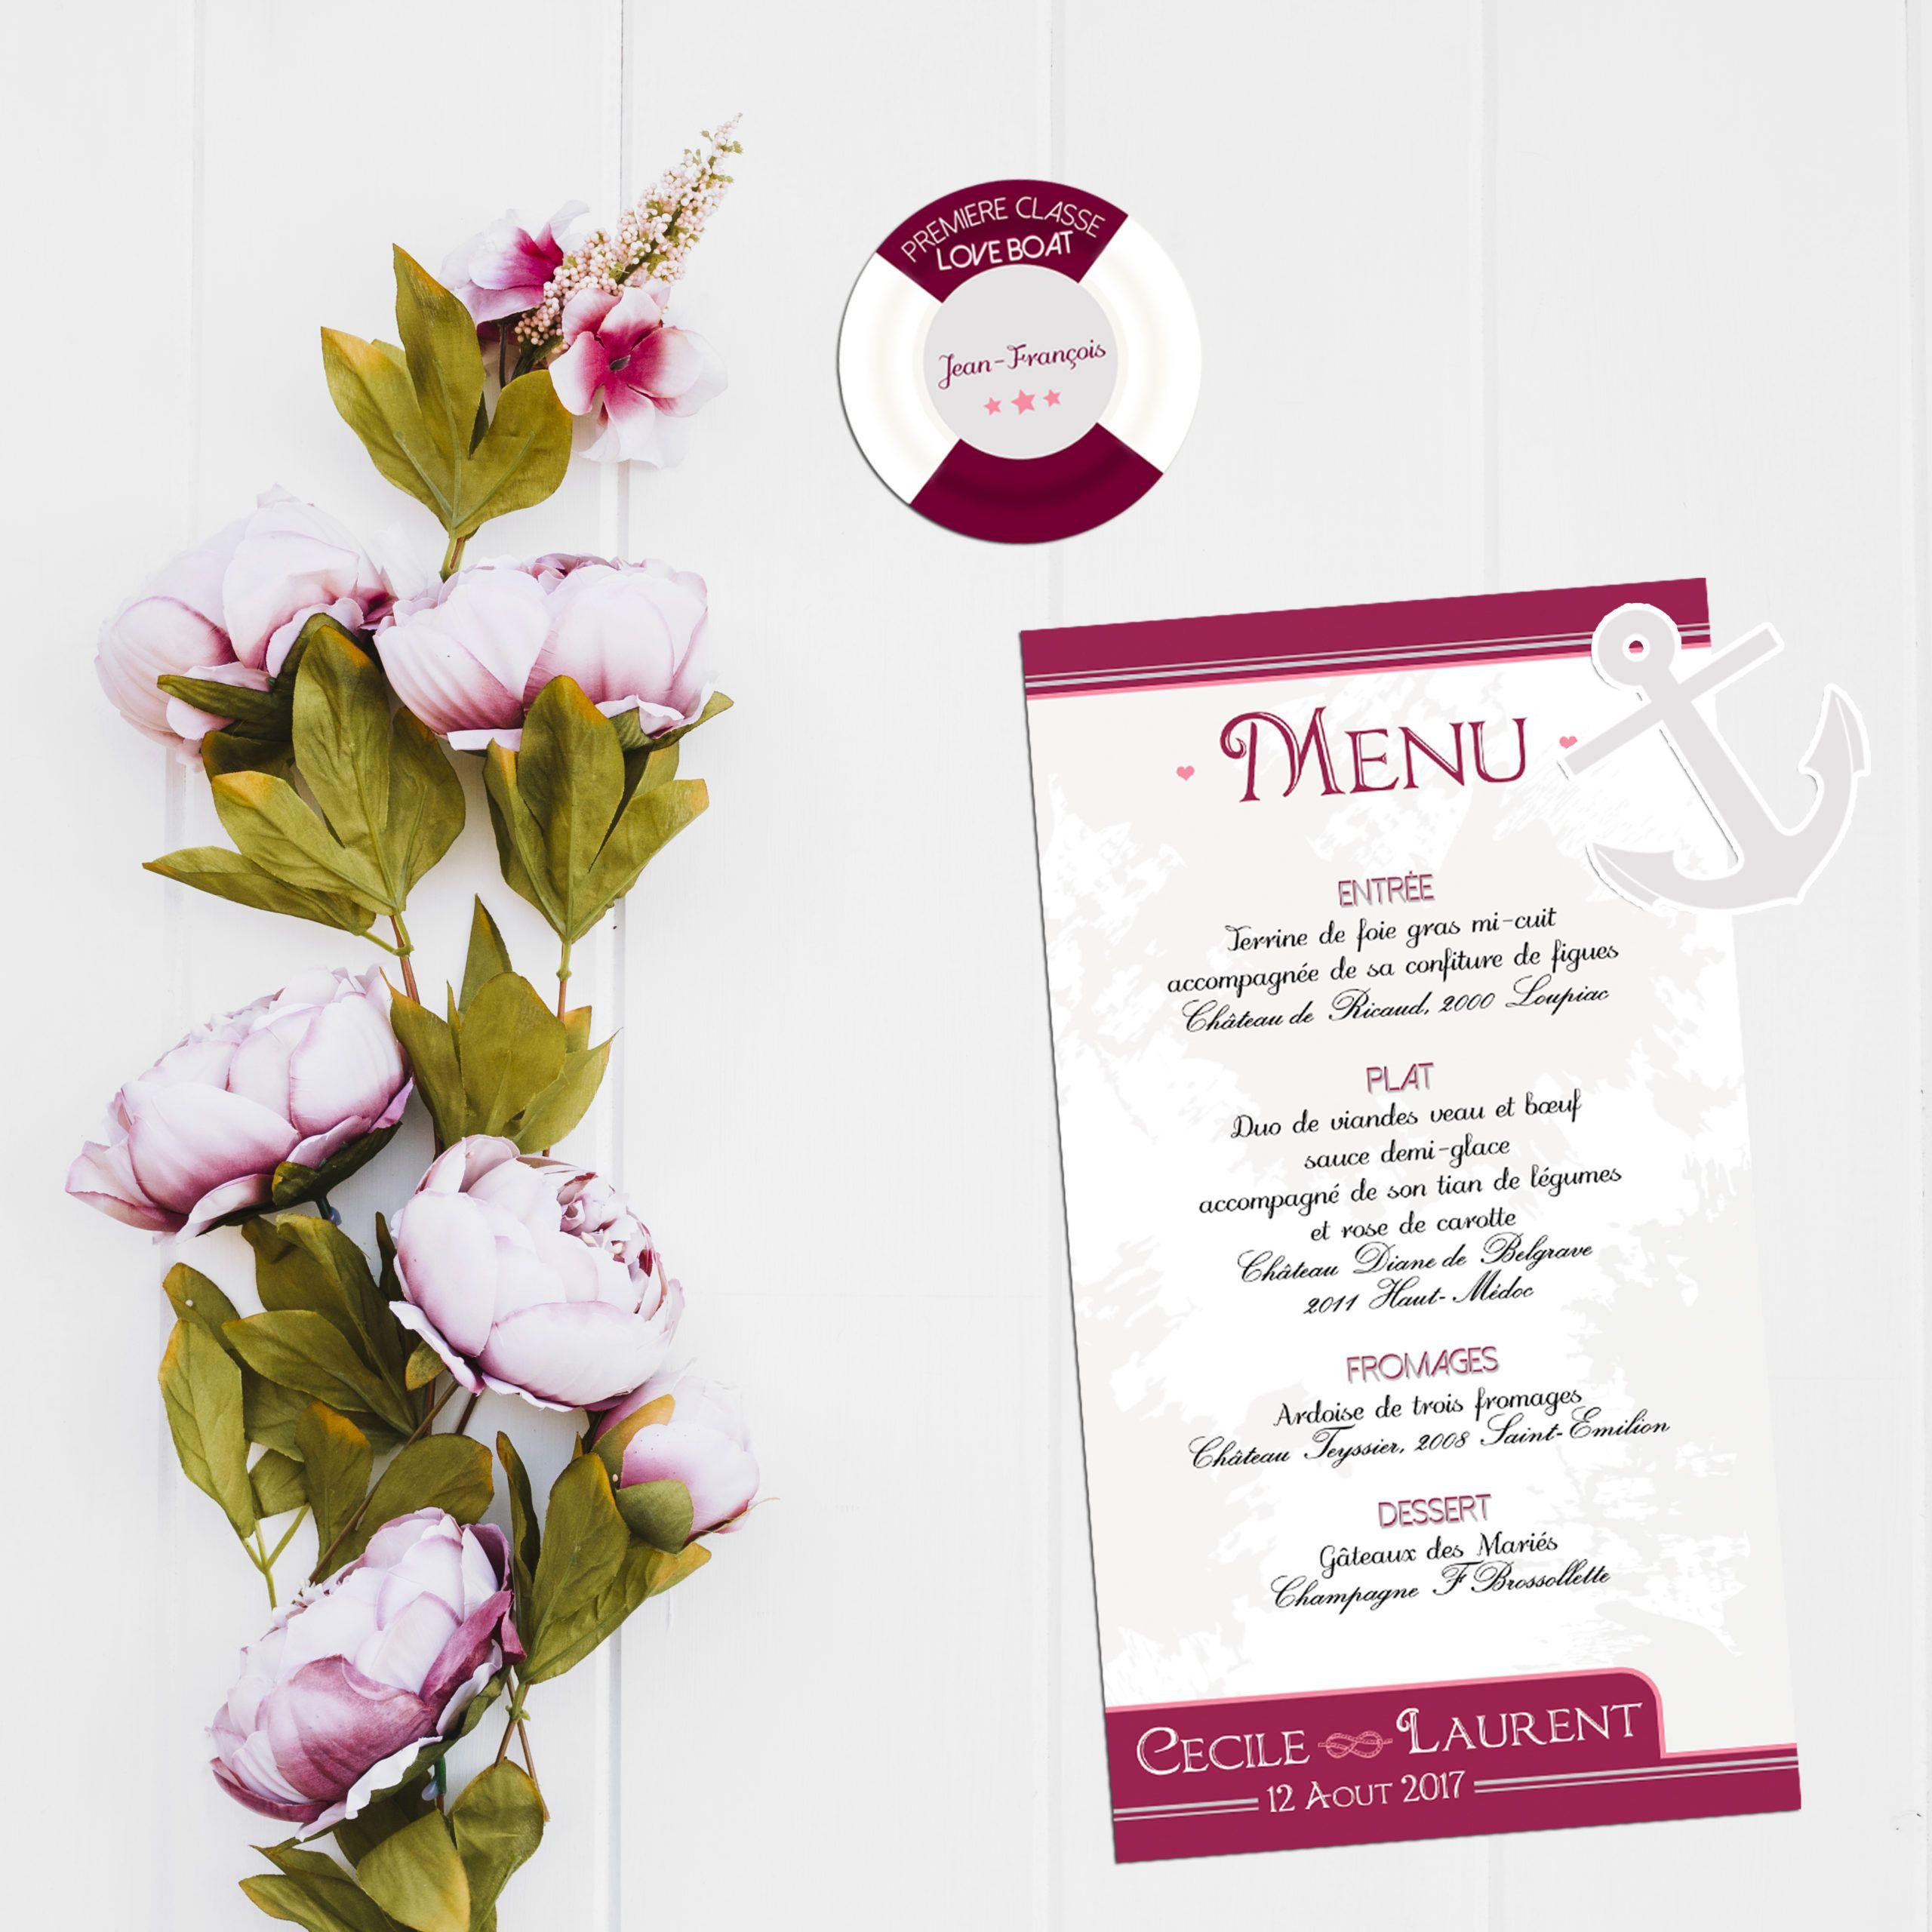 La fille au Noeud Rouge menu table décoration papeterie mariage croisière bateau ancre bouée